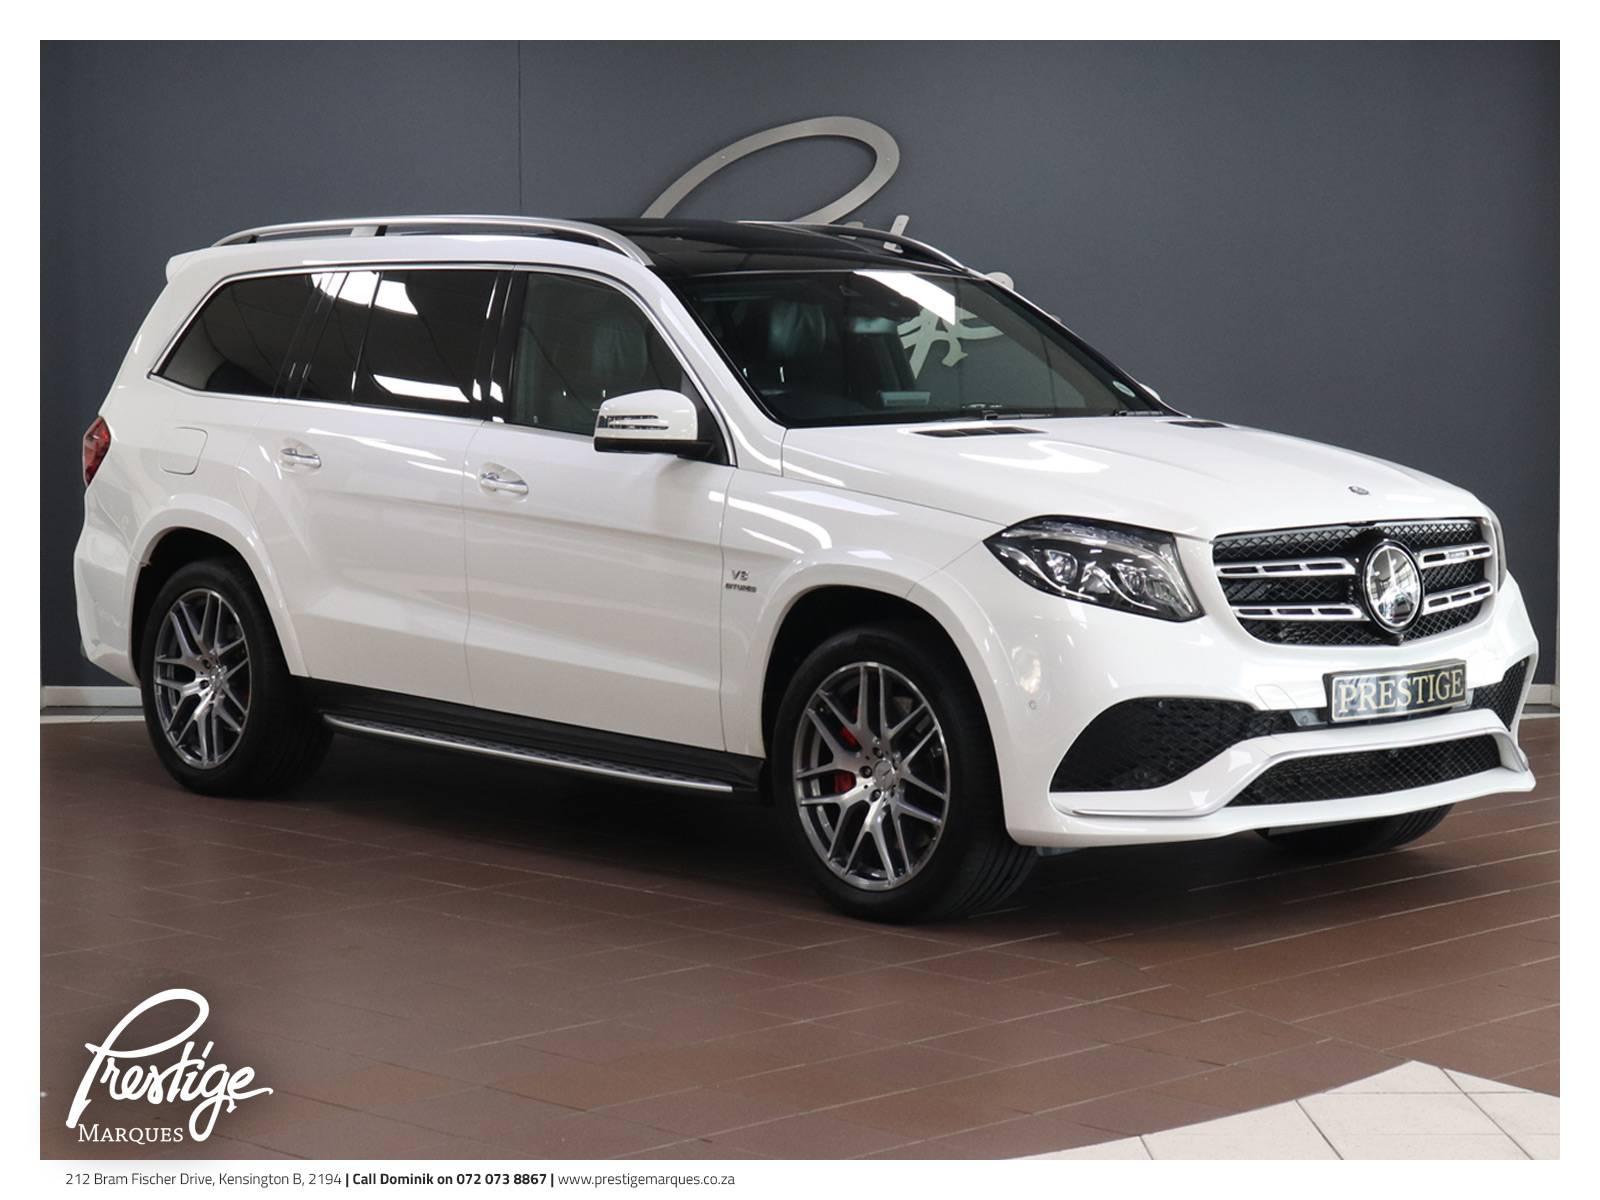 2016-Mercedes-Benz-GLS-63-AMG-Prestige-Marques-1